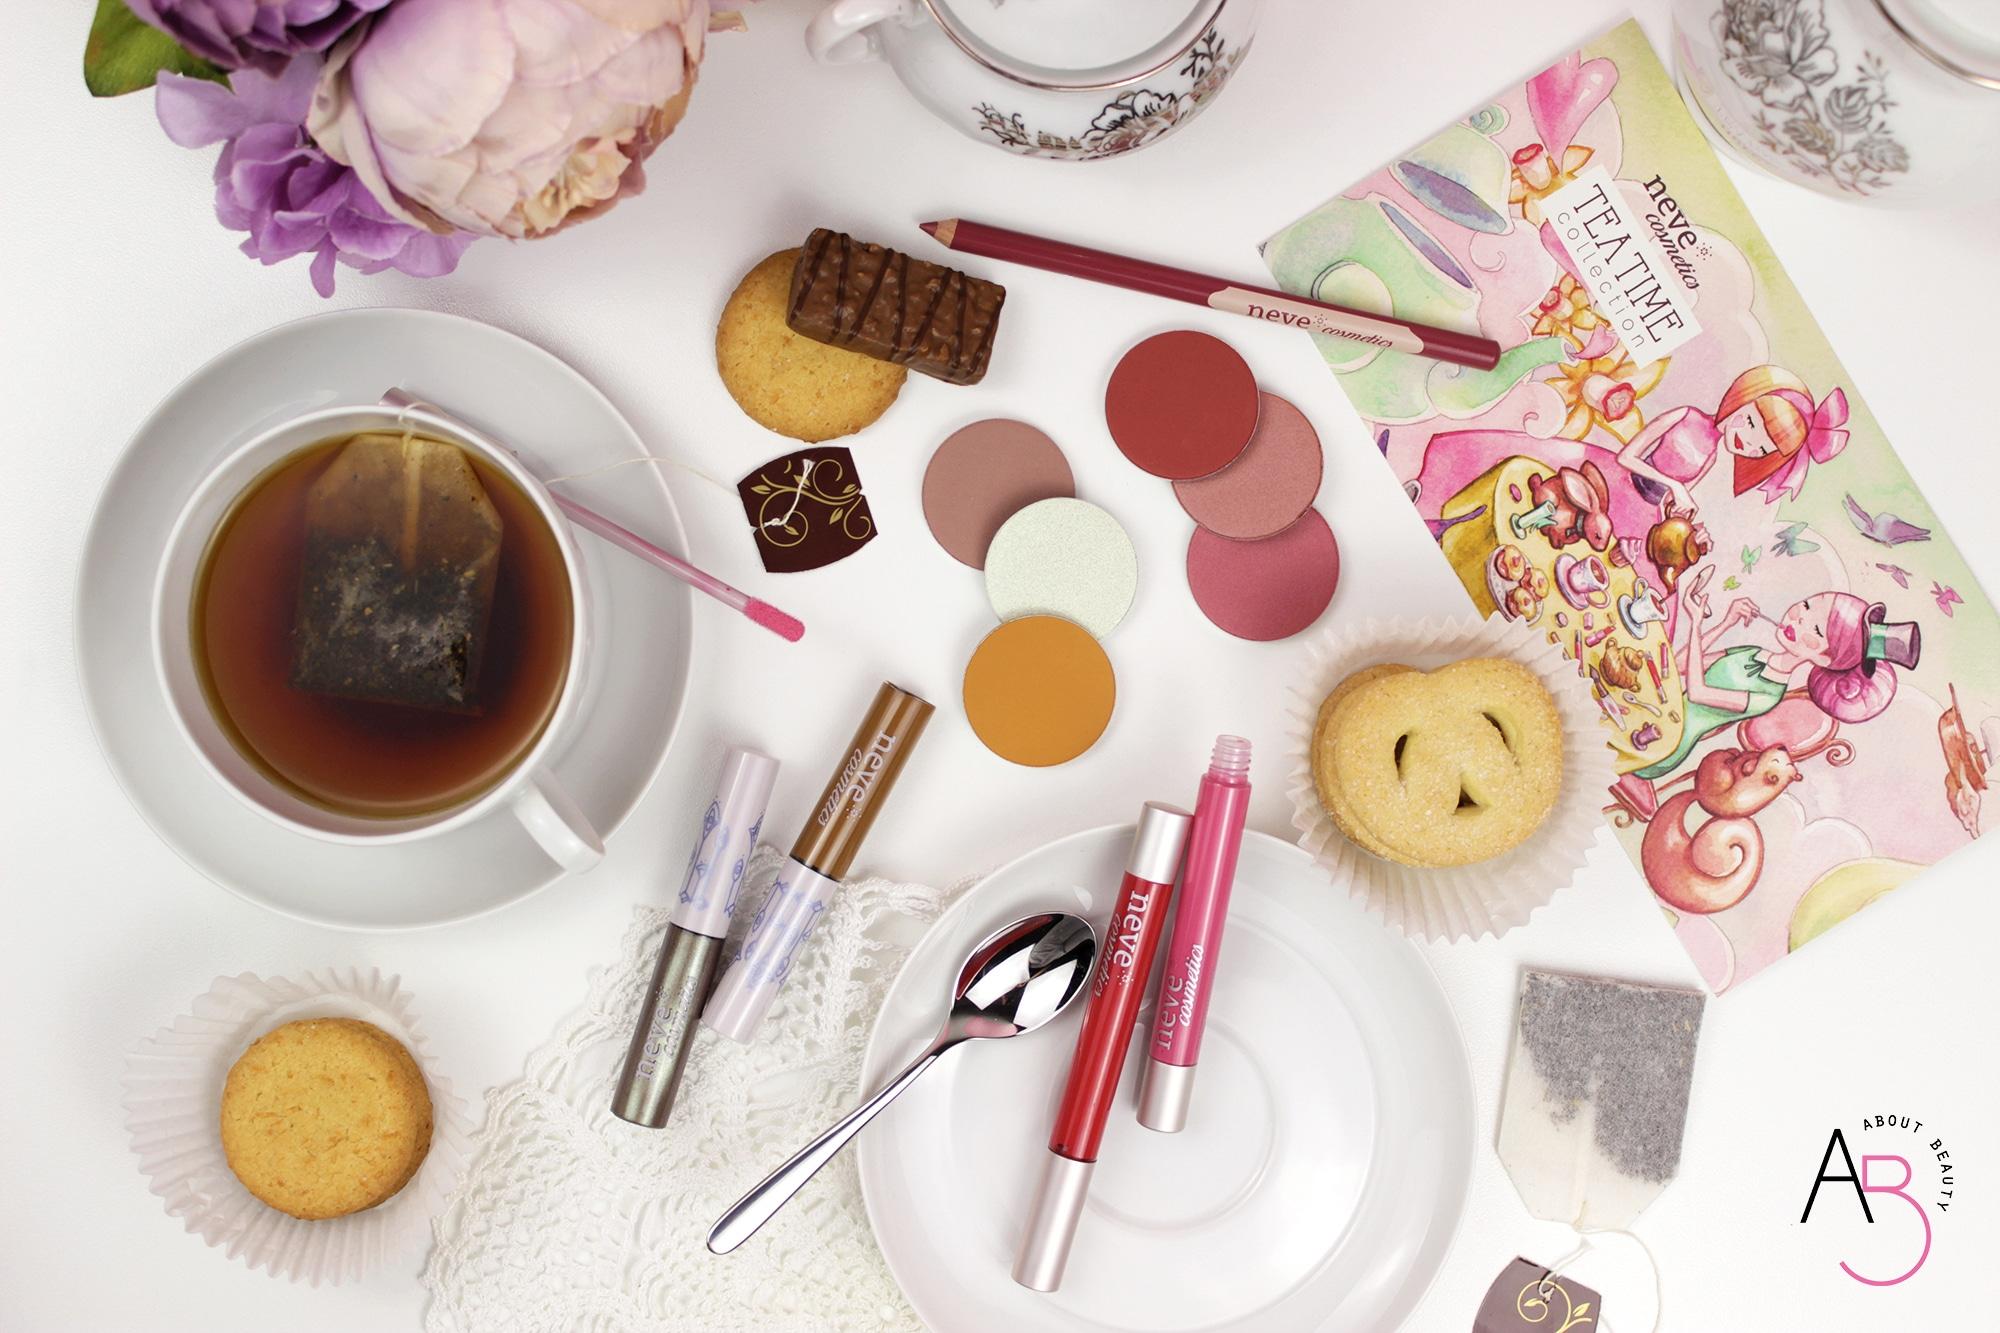 Neve Cosmetics Tea Time Collection, la nuova collezione primavera 2018 dedicata alla poesia dell'ora del tè - Review, recensione, info, prezzo, swatch, tutorial, dove acquistare, promo